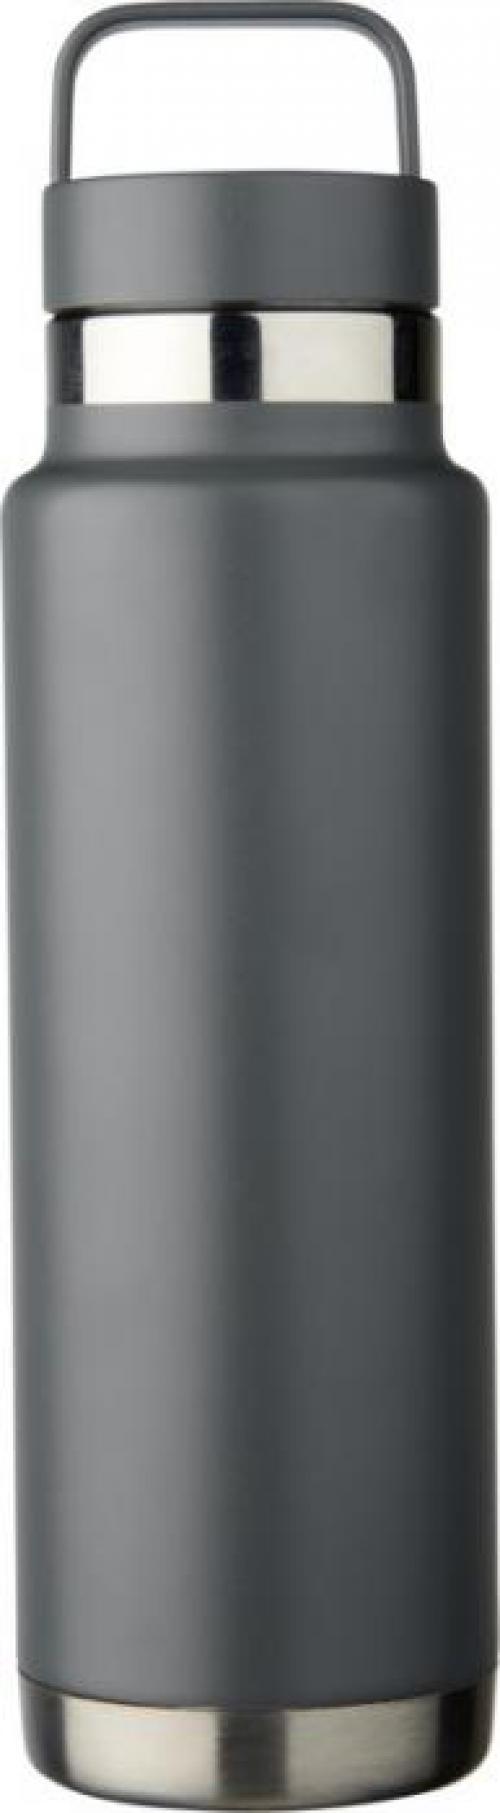 Bidón deportivo con aislamiento de cobre al vacío de 600 ml Colton